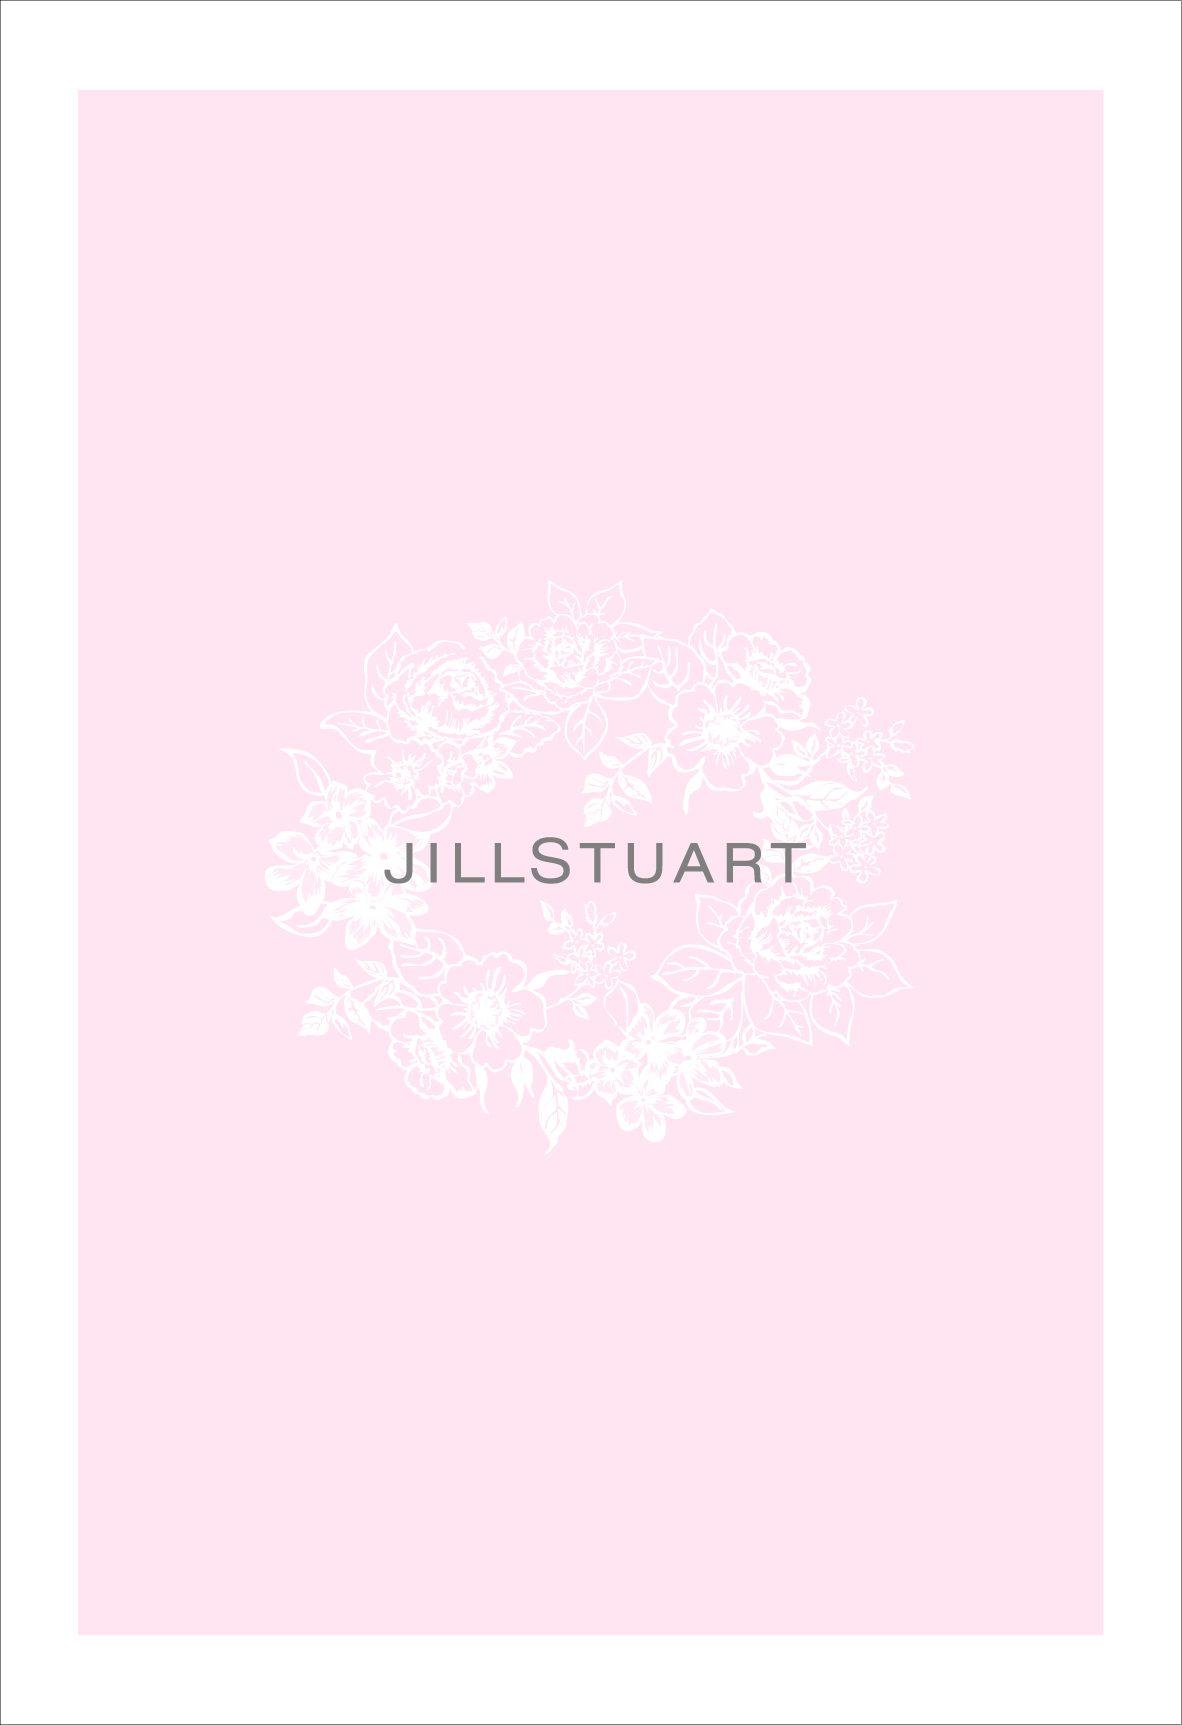 JILLSTUART